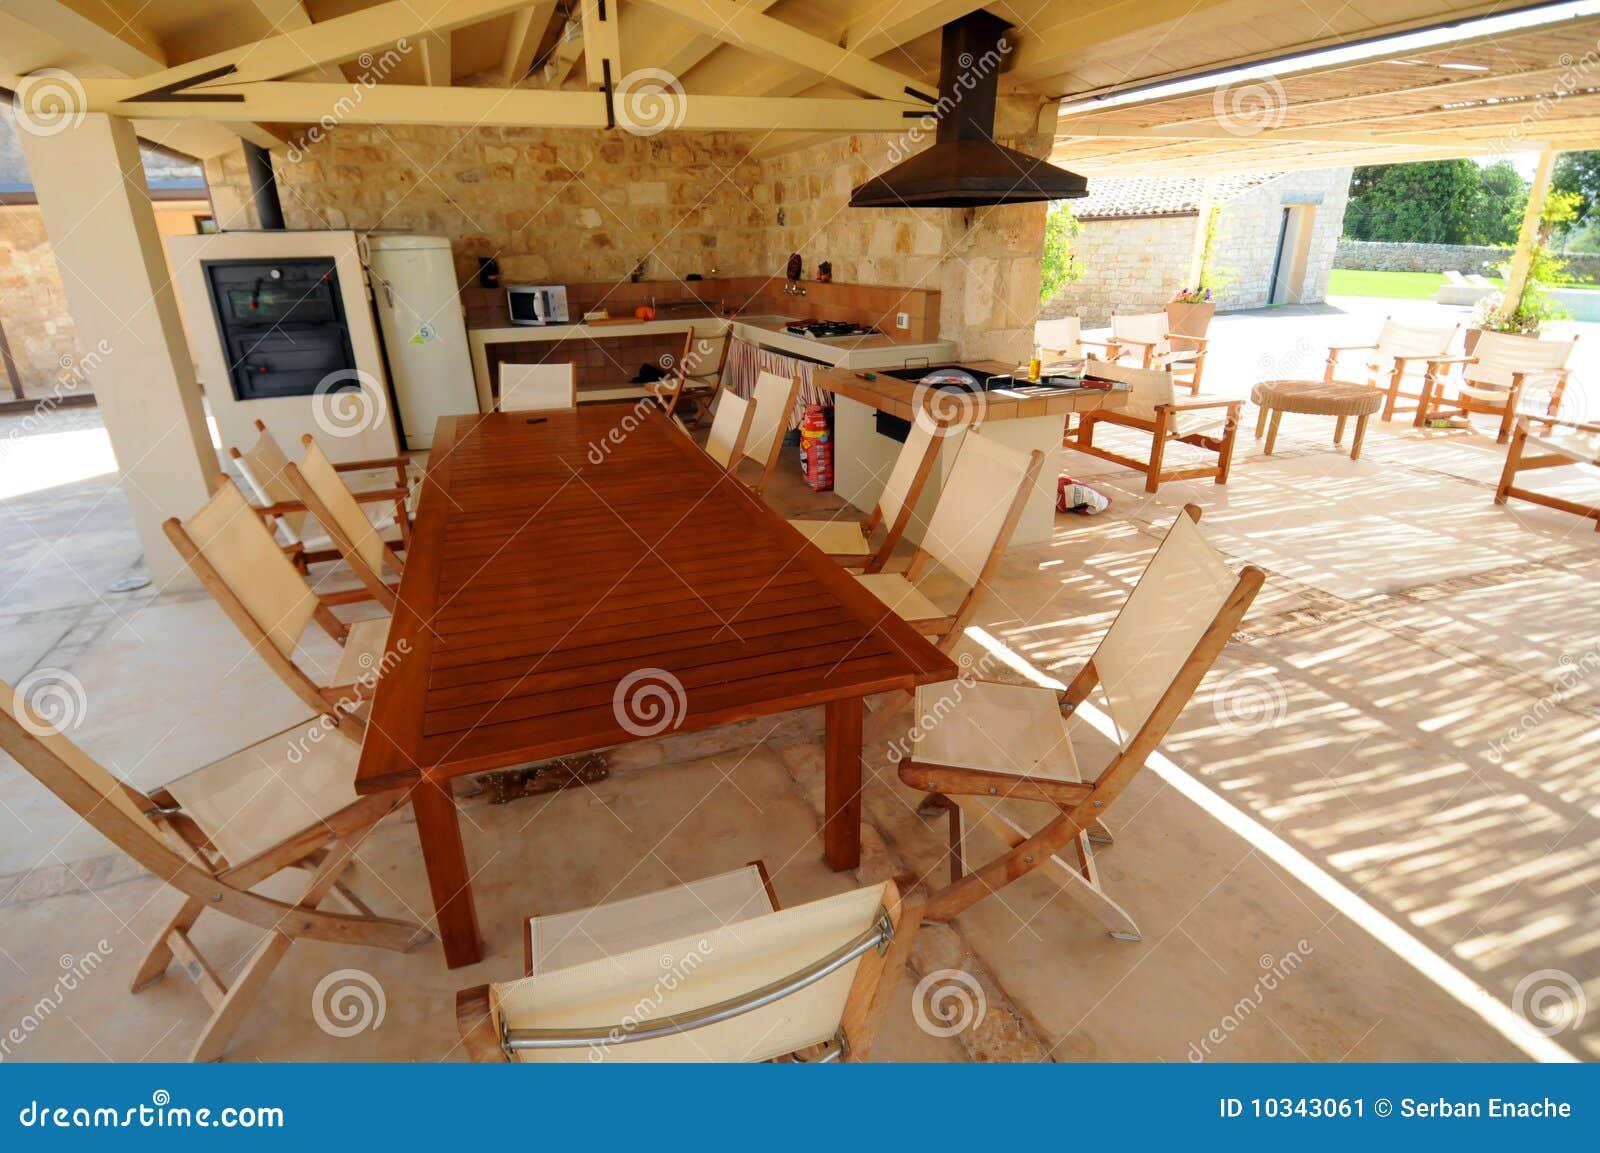 Cocina al aire libre imagen de archivo. Imagen de terraza - 40579935